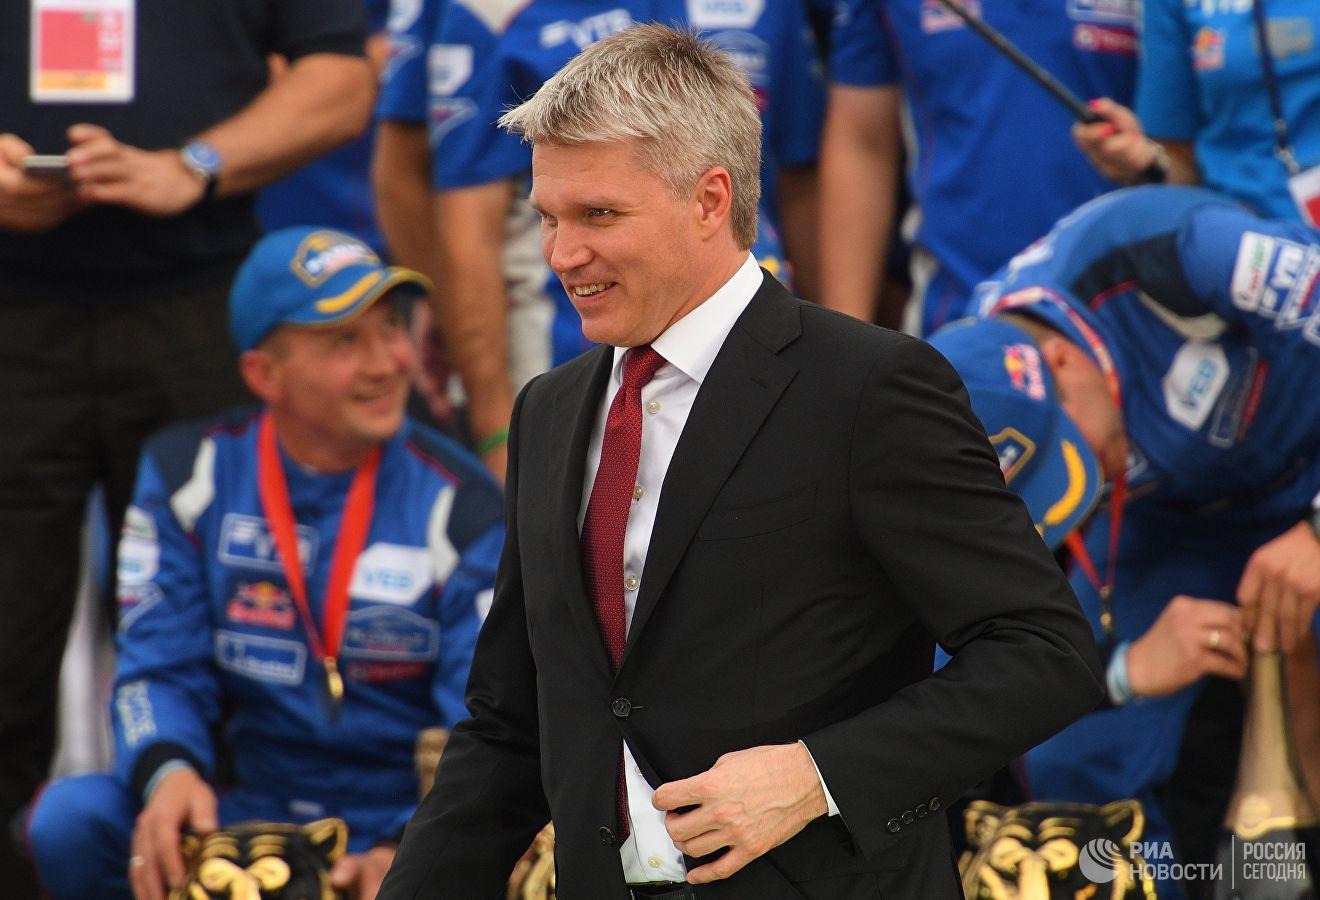 Р-Спорт: Колобков объяснил задержку передачи WADA базы данных московской лаборатории